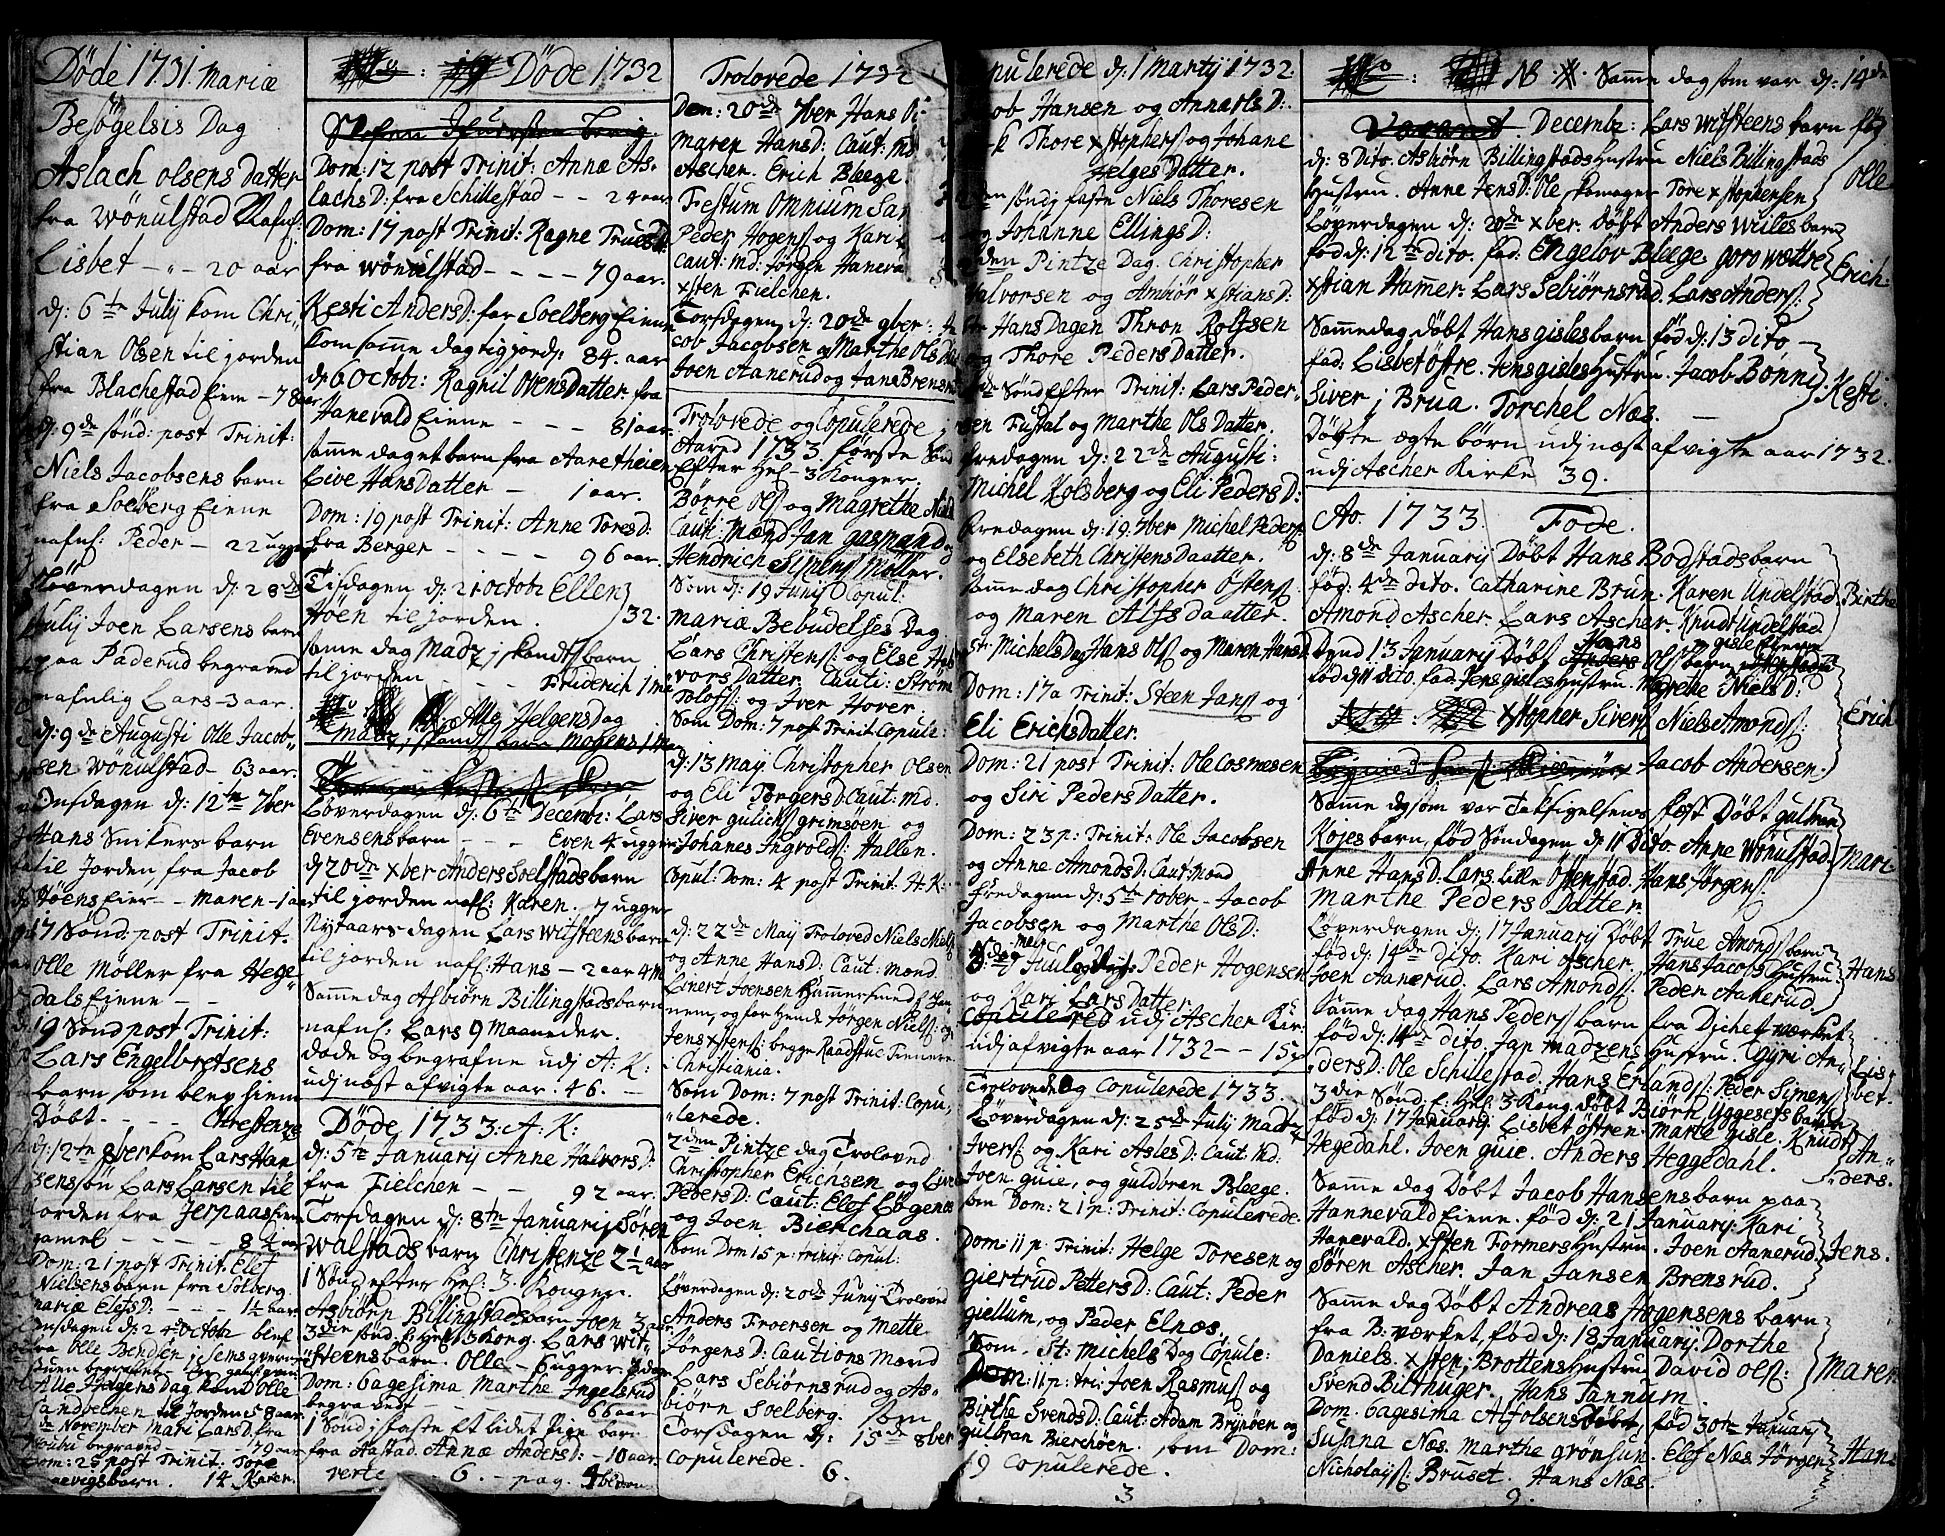 SAO, Asker prestekontor Kirkebøker, F/Fa/L0001: Ministerialbok nr. I 1, 1726-1744, s. 8